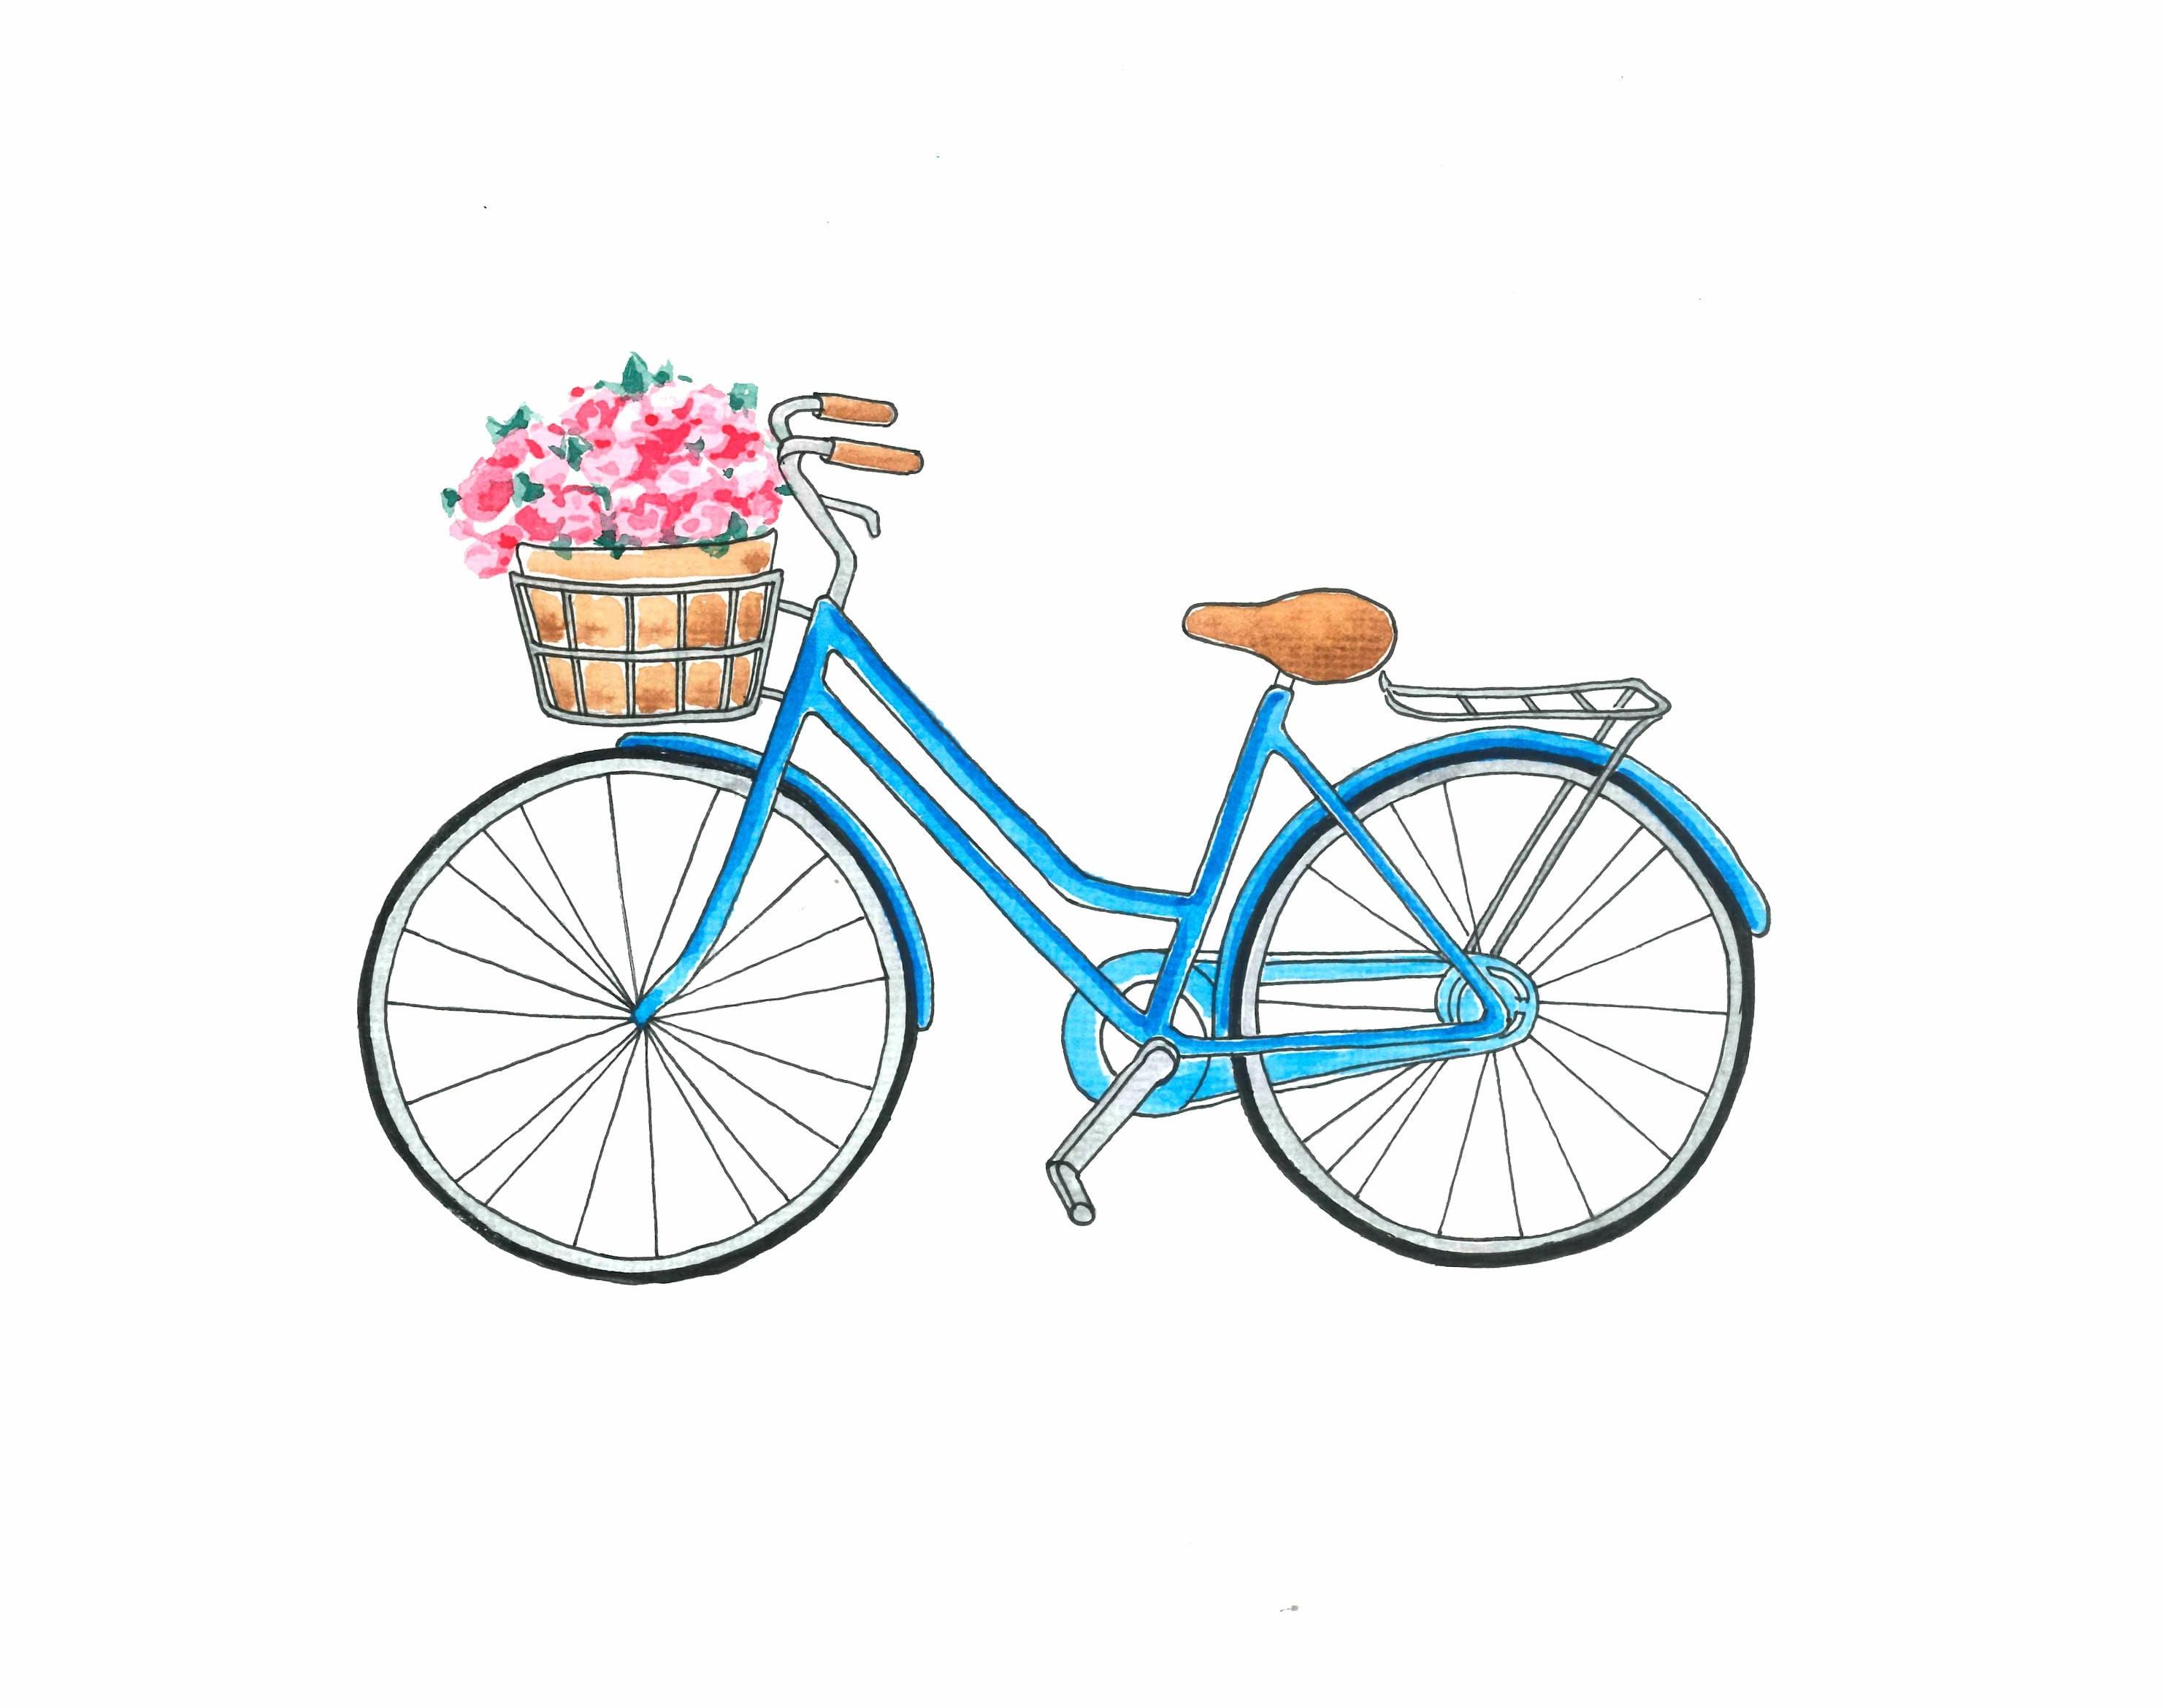 Sofortiger Download Fahrrad Art Fahrrad Druck Fahrrad